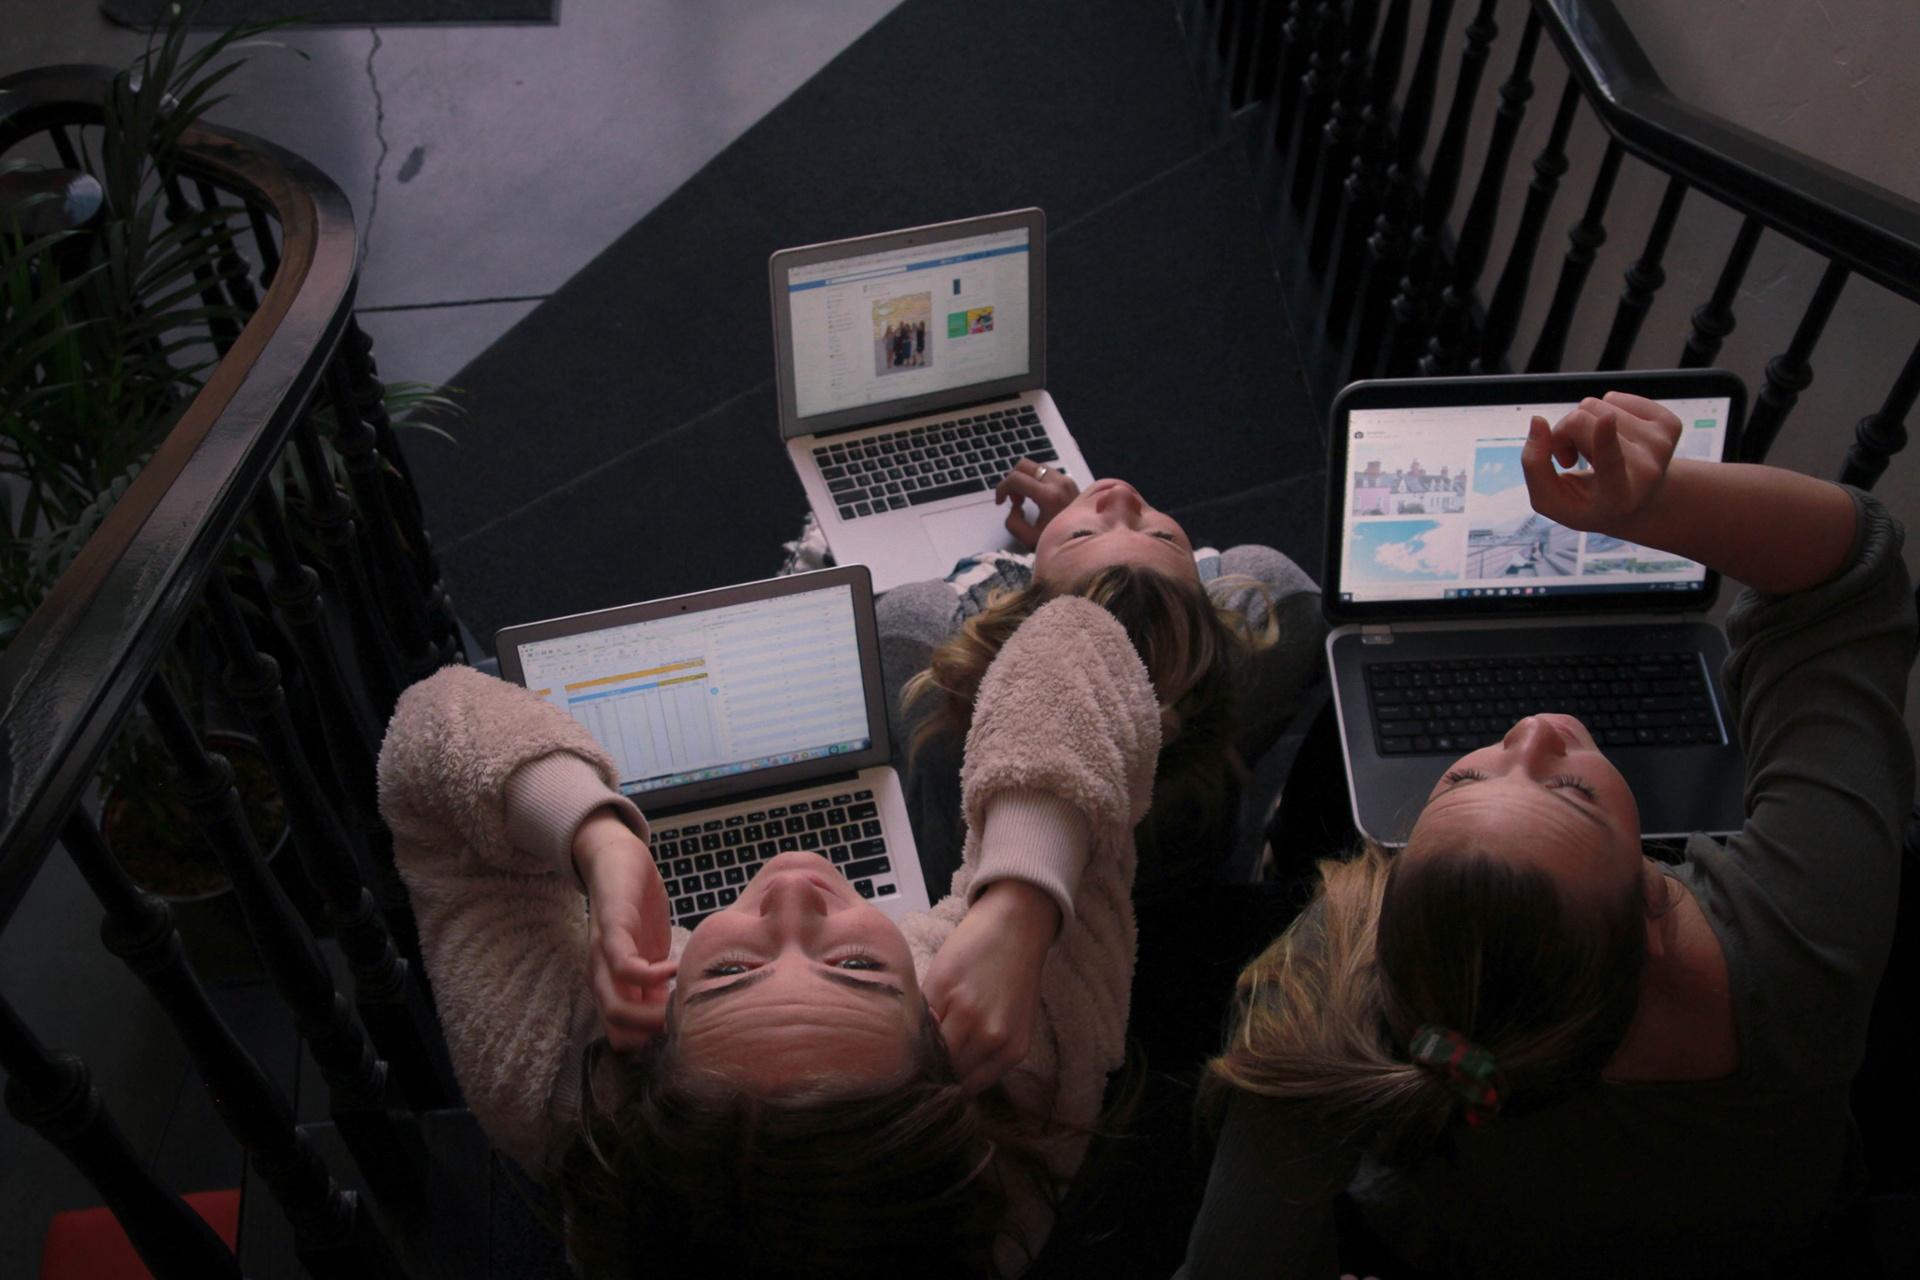 Wie Einkäufer von Unternehmen seriöse Online-Marktplätze schnell erkennen_cmm360_Photo by NeONBRAND on Unsplash